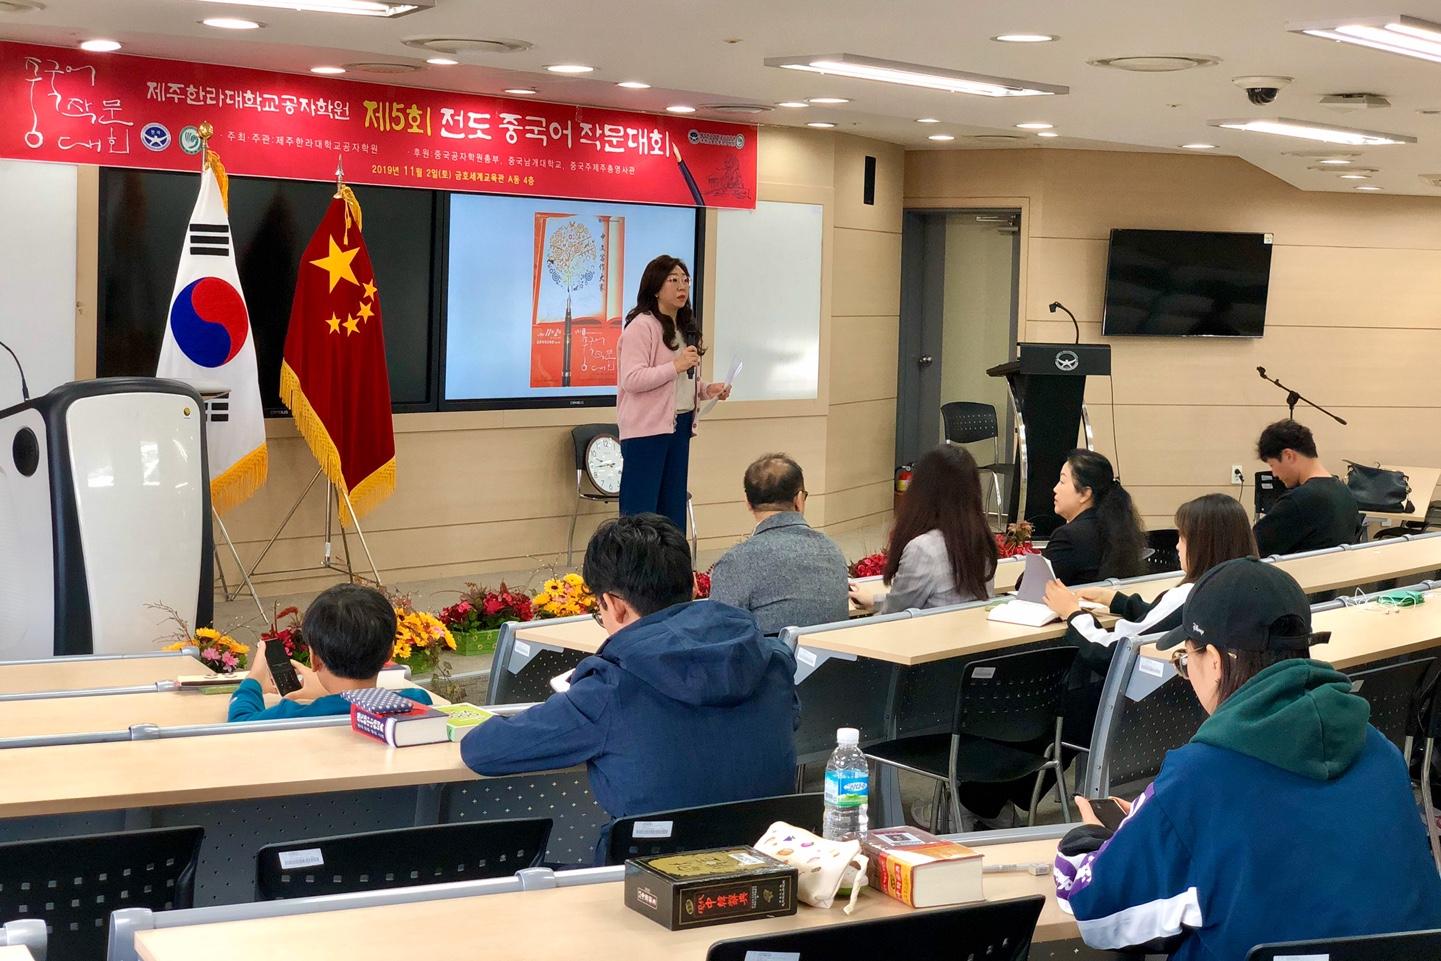 제주한라대학교공자학원, 전도 관광중국어 말하기대회 및 중국어작문대회 개최2